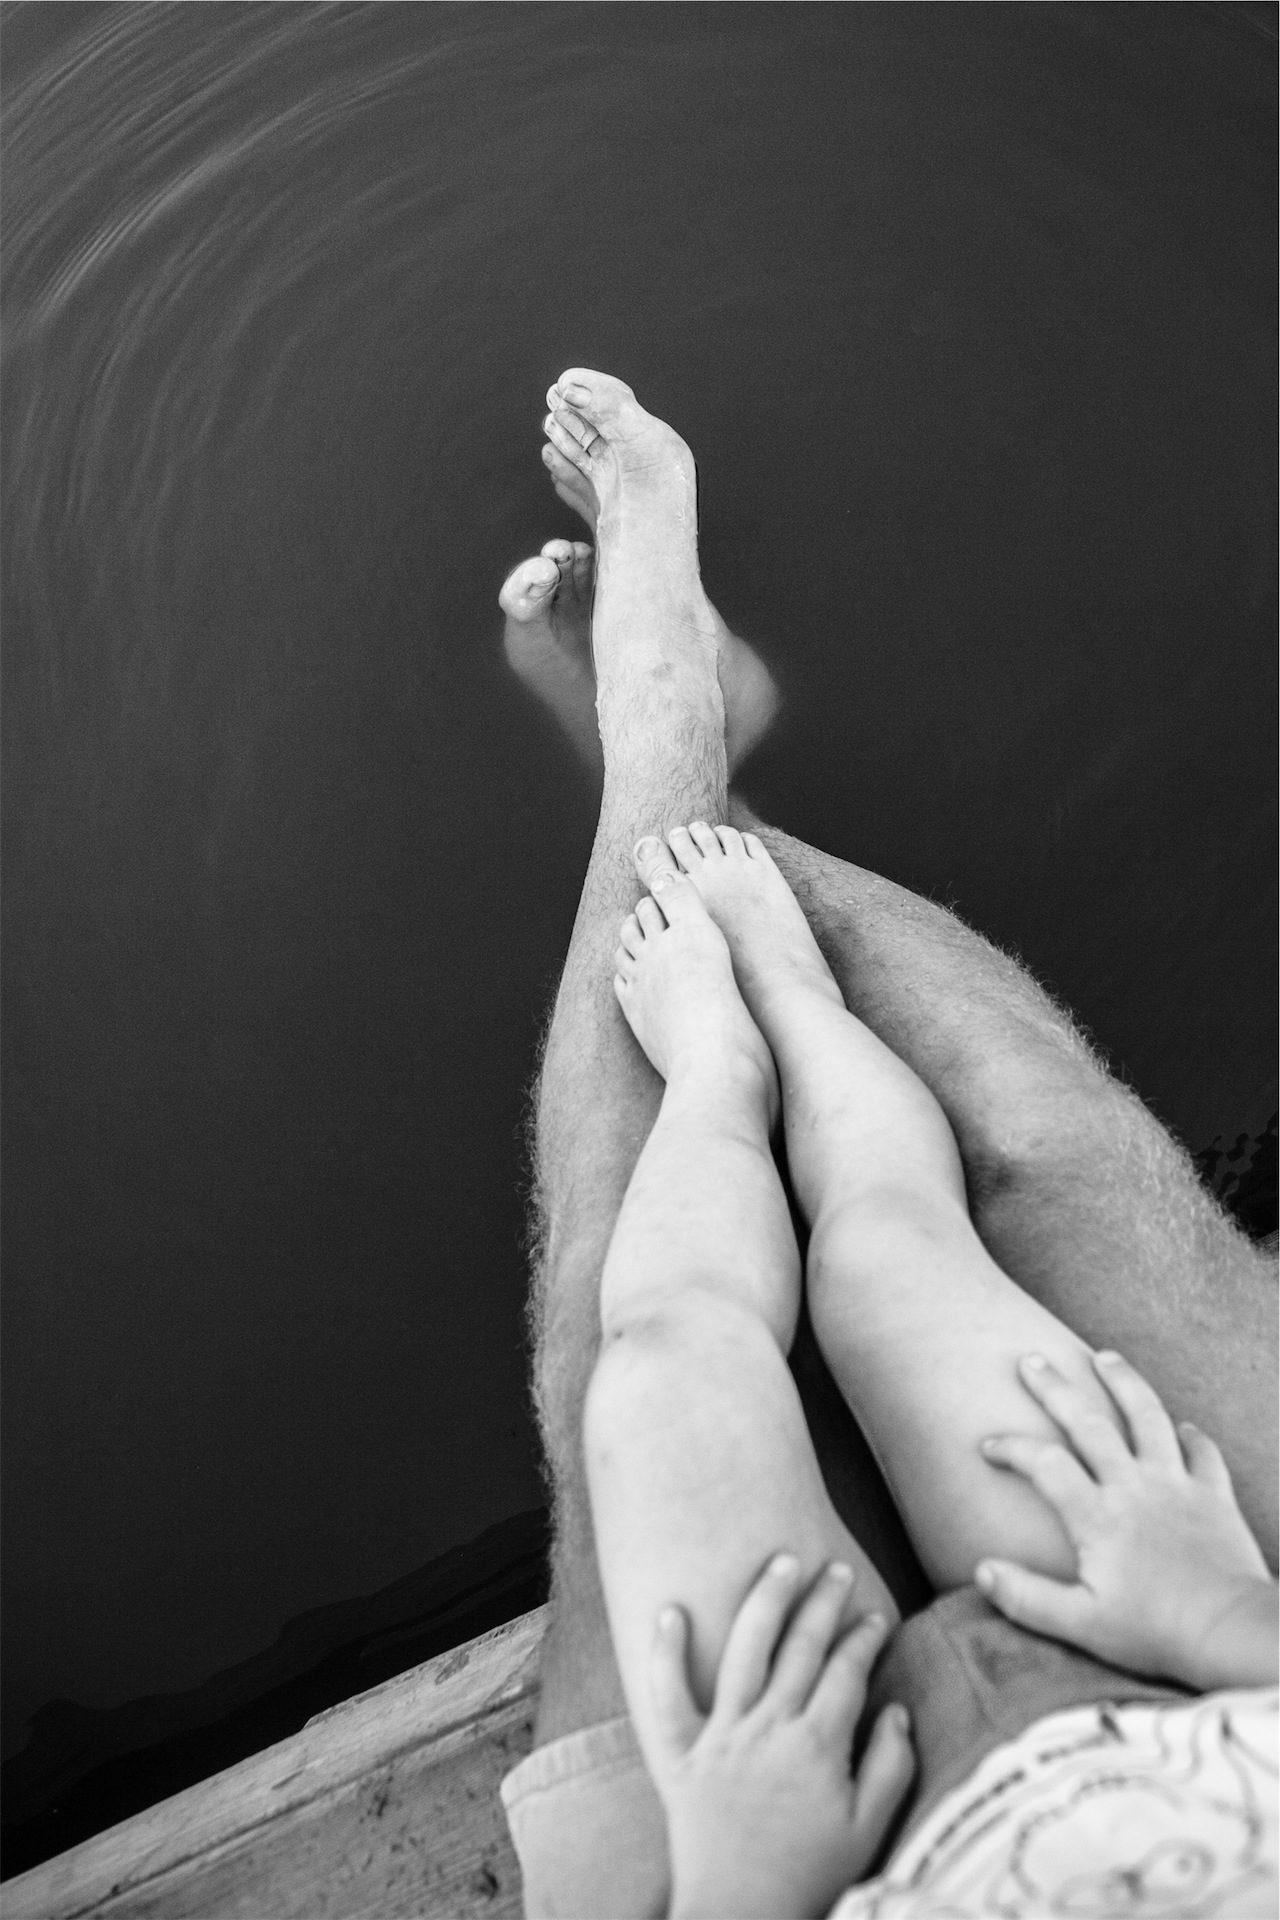 ноги, футов, отец, сын, в черно-белом - Обои HD - Профессор falken.com